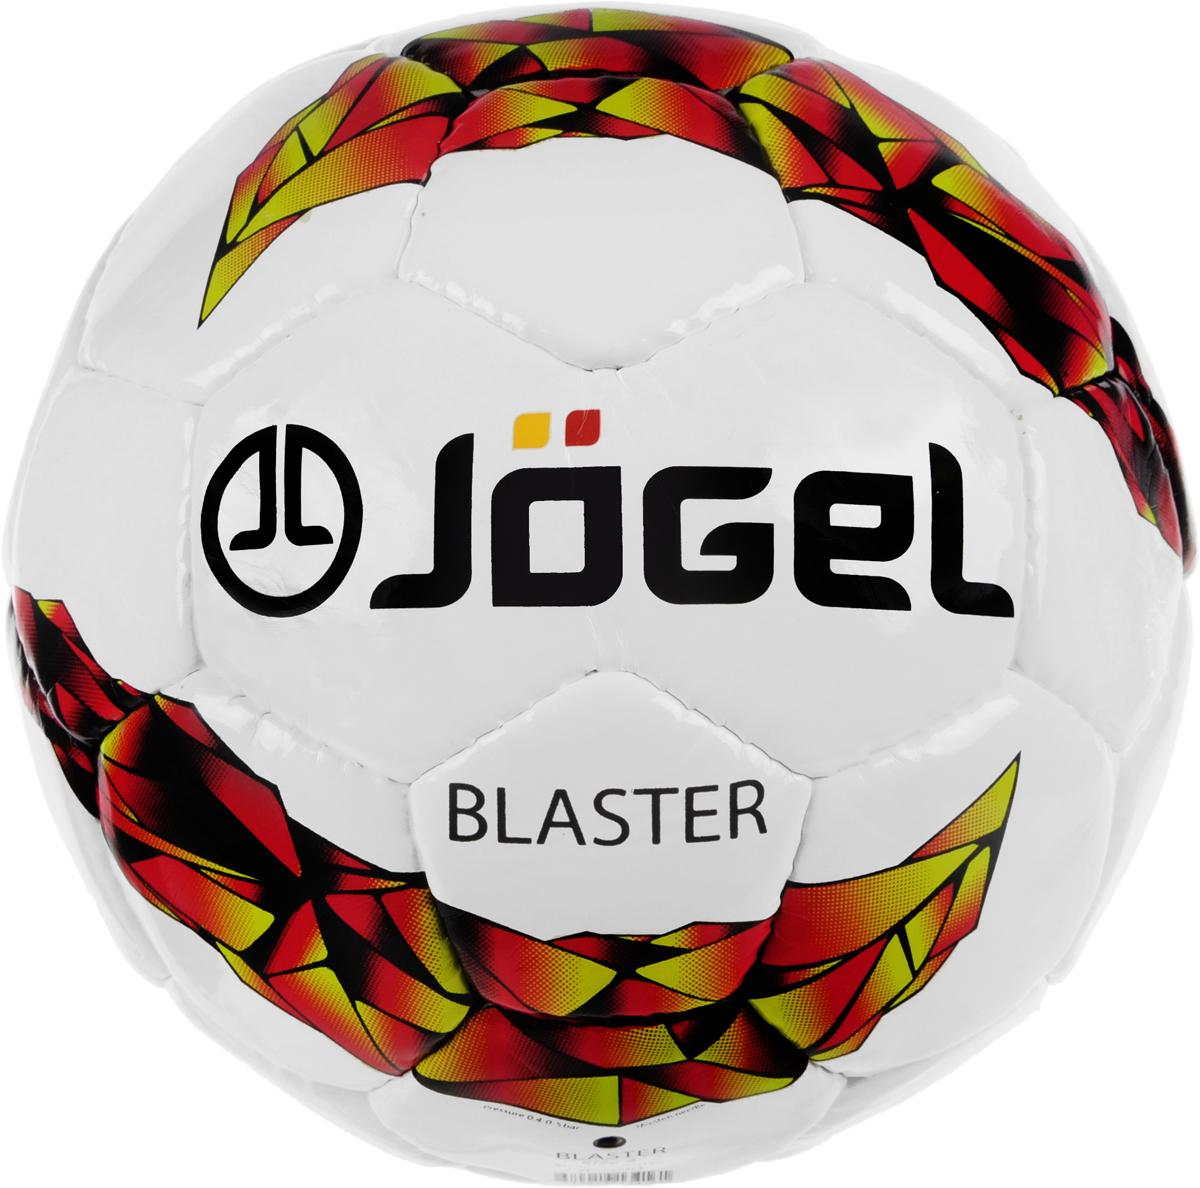 Мяч футзальный Jogel Blaster, цвет: белый, красный, черный. Размер 4. JF-500200170Jogel Blaster - это качественный тренировочный футзальный мяч ручной сшивки, имеющий плотный материал покрышки, благодаря чему обеспечивается более мягкий контакт и максимальная прочность.Данный мяч рекомендован для тренировок и тренировочных игр клубных и любительских команд. Поверхность мяча выполнена из износостойкой синтетической кожи (полиуретан) толщиной 1,2 мм. Мяч имеет 4 подкладочных слоя на нетканой основе (смесь хлопка с полиэстером) и оснащен бутиловой камерой со специальным наполнителем, обеспечивающим рекомендованный FIFA низкий отскок.Уникальной особенностью является традиционная конструкция мяча из 30 панелей. Привлекательный дизайн ярко выделяет мяч на витрине. Официальный размер, вес и отскок FIFA.Рекомендованные покрытия: паркет, уличные площадки с твердыми ровными покрытиями.Количество подкладочных слоев:4.Количество панелей:30.Вес:400-440 г.Длина окружности: 62-64 смРекомендованное давление: 0,6-0,8 бар.УВАЖЕМЫЕ КЛИЕНТЫ!Обращаем ваше внимание на тот факт, что мяч поставляется в сдутом виде. Насос в комплект не входит.